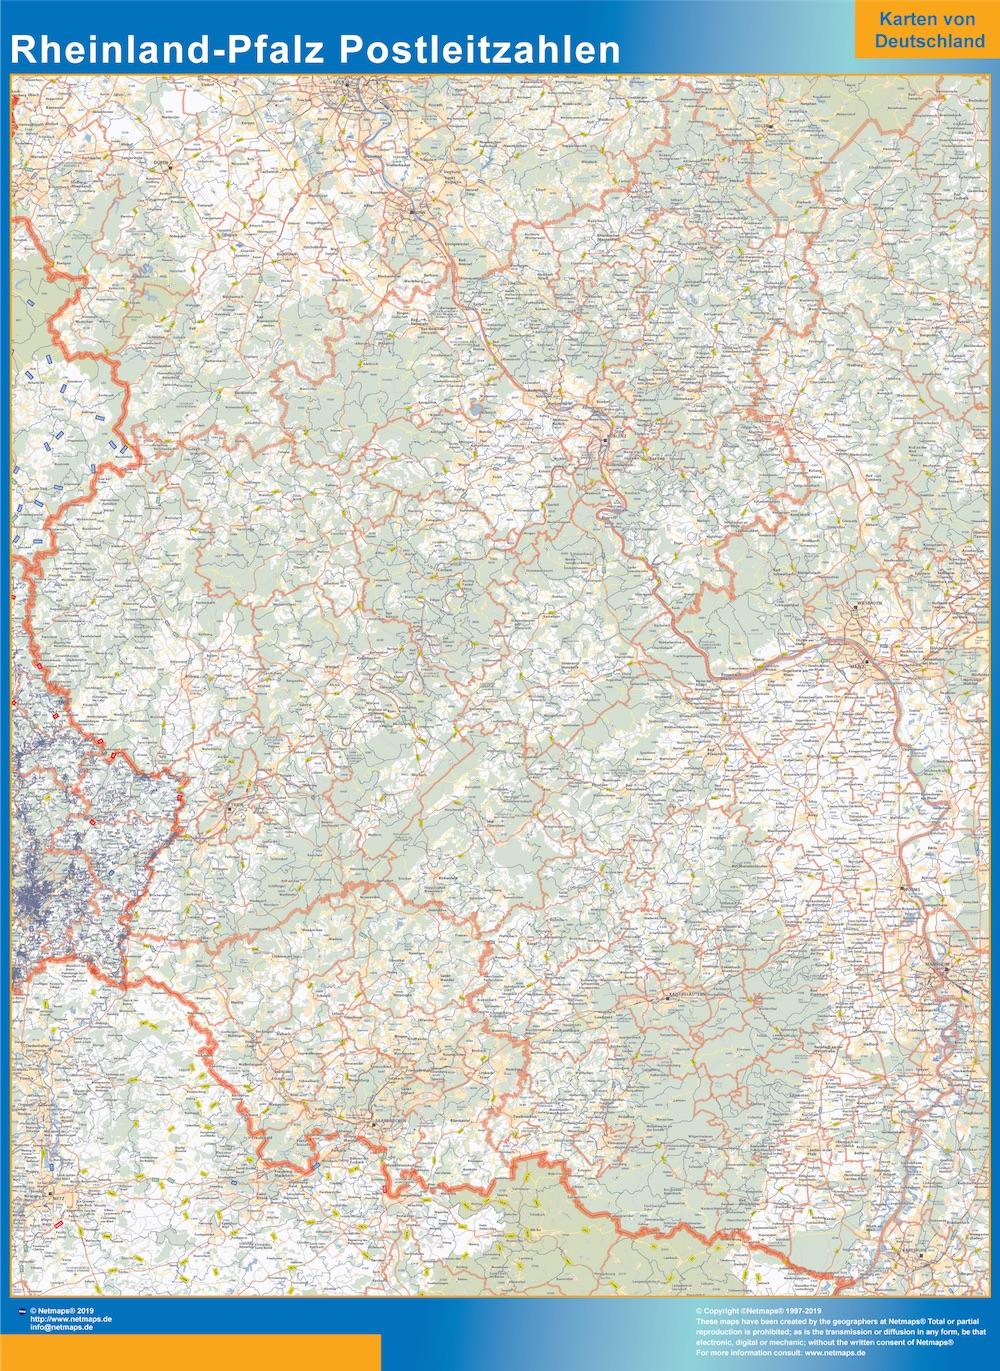 Rheinland-Pfalz Postleitzahlen